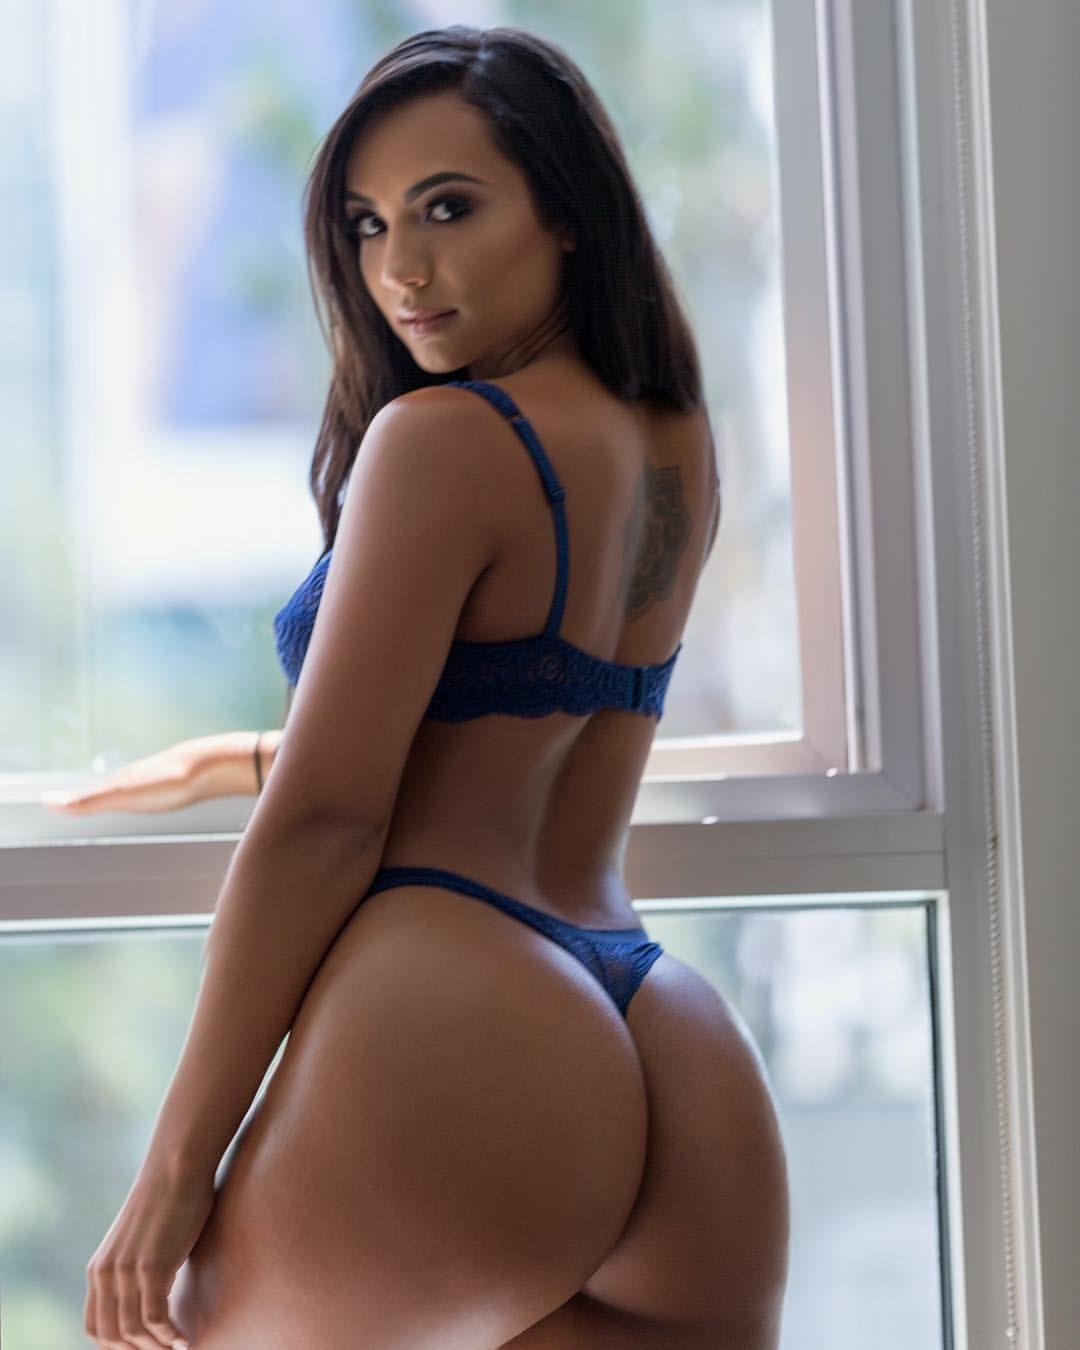 naked naughty slut women